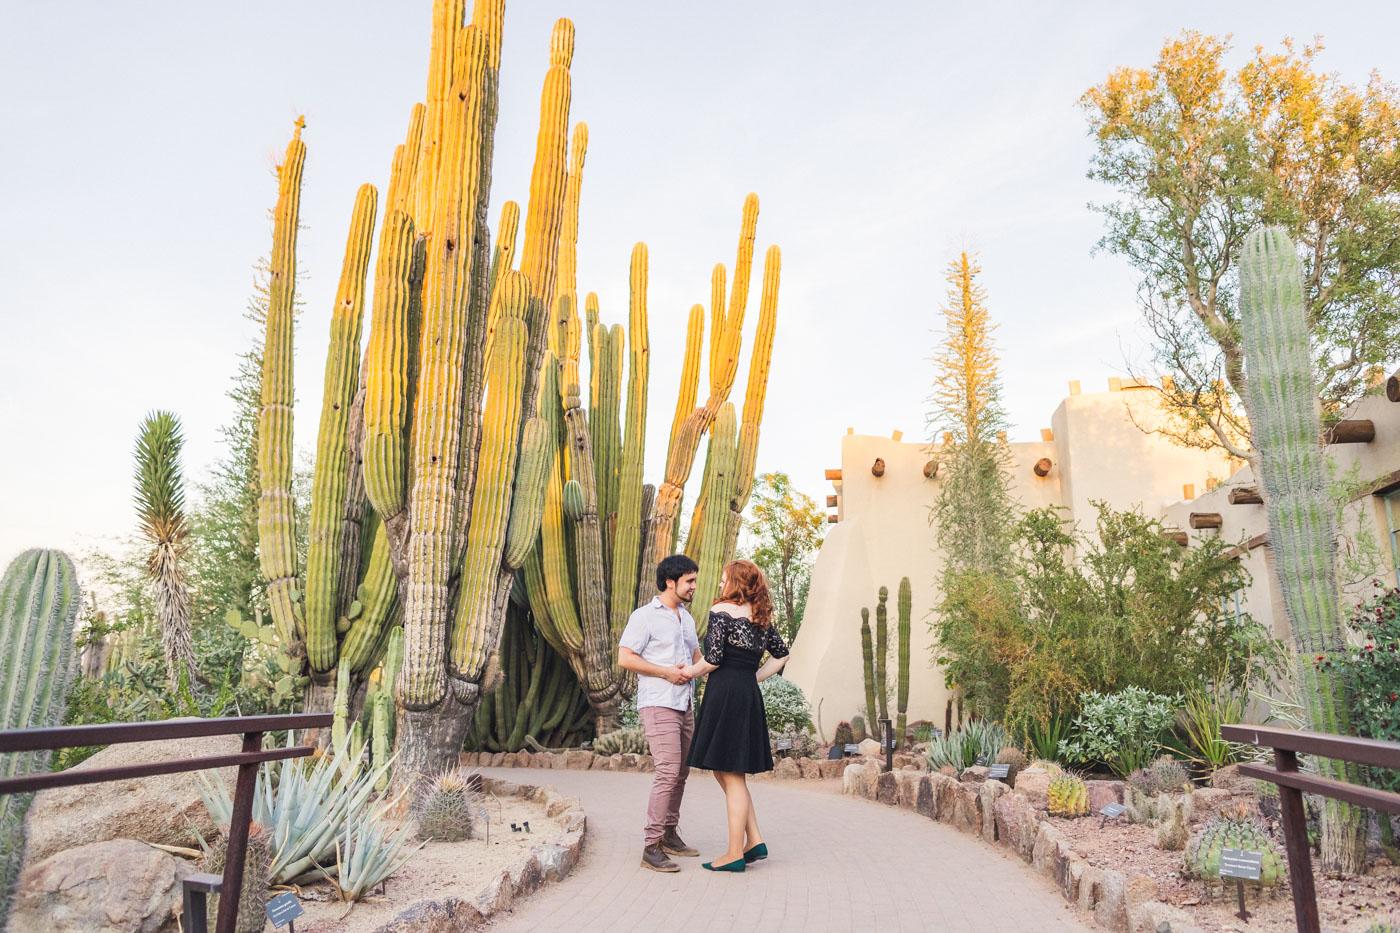 aaron-kes-photography-desert-botanical-garden-engagement-session-25.jpg